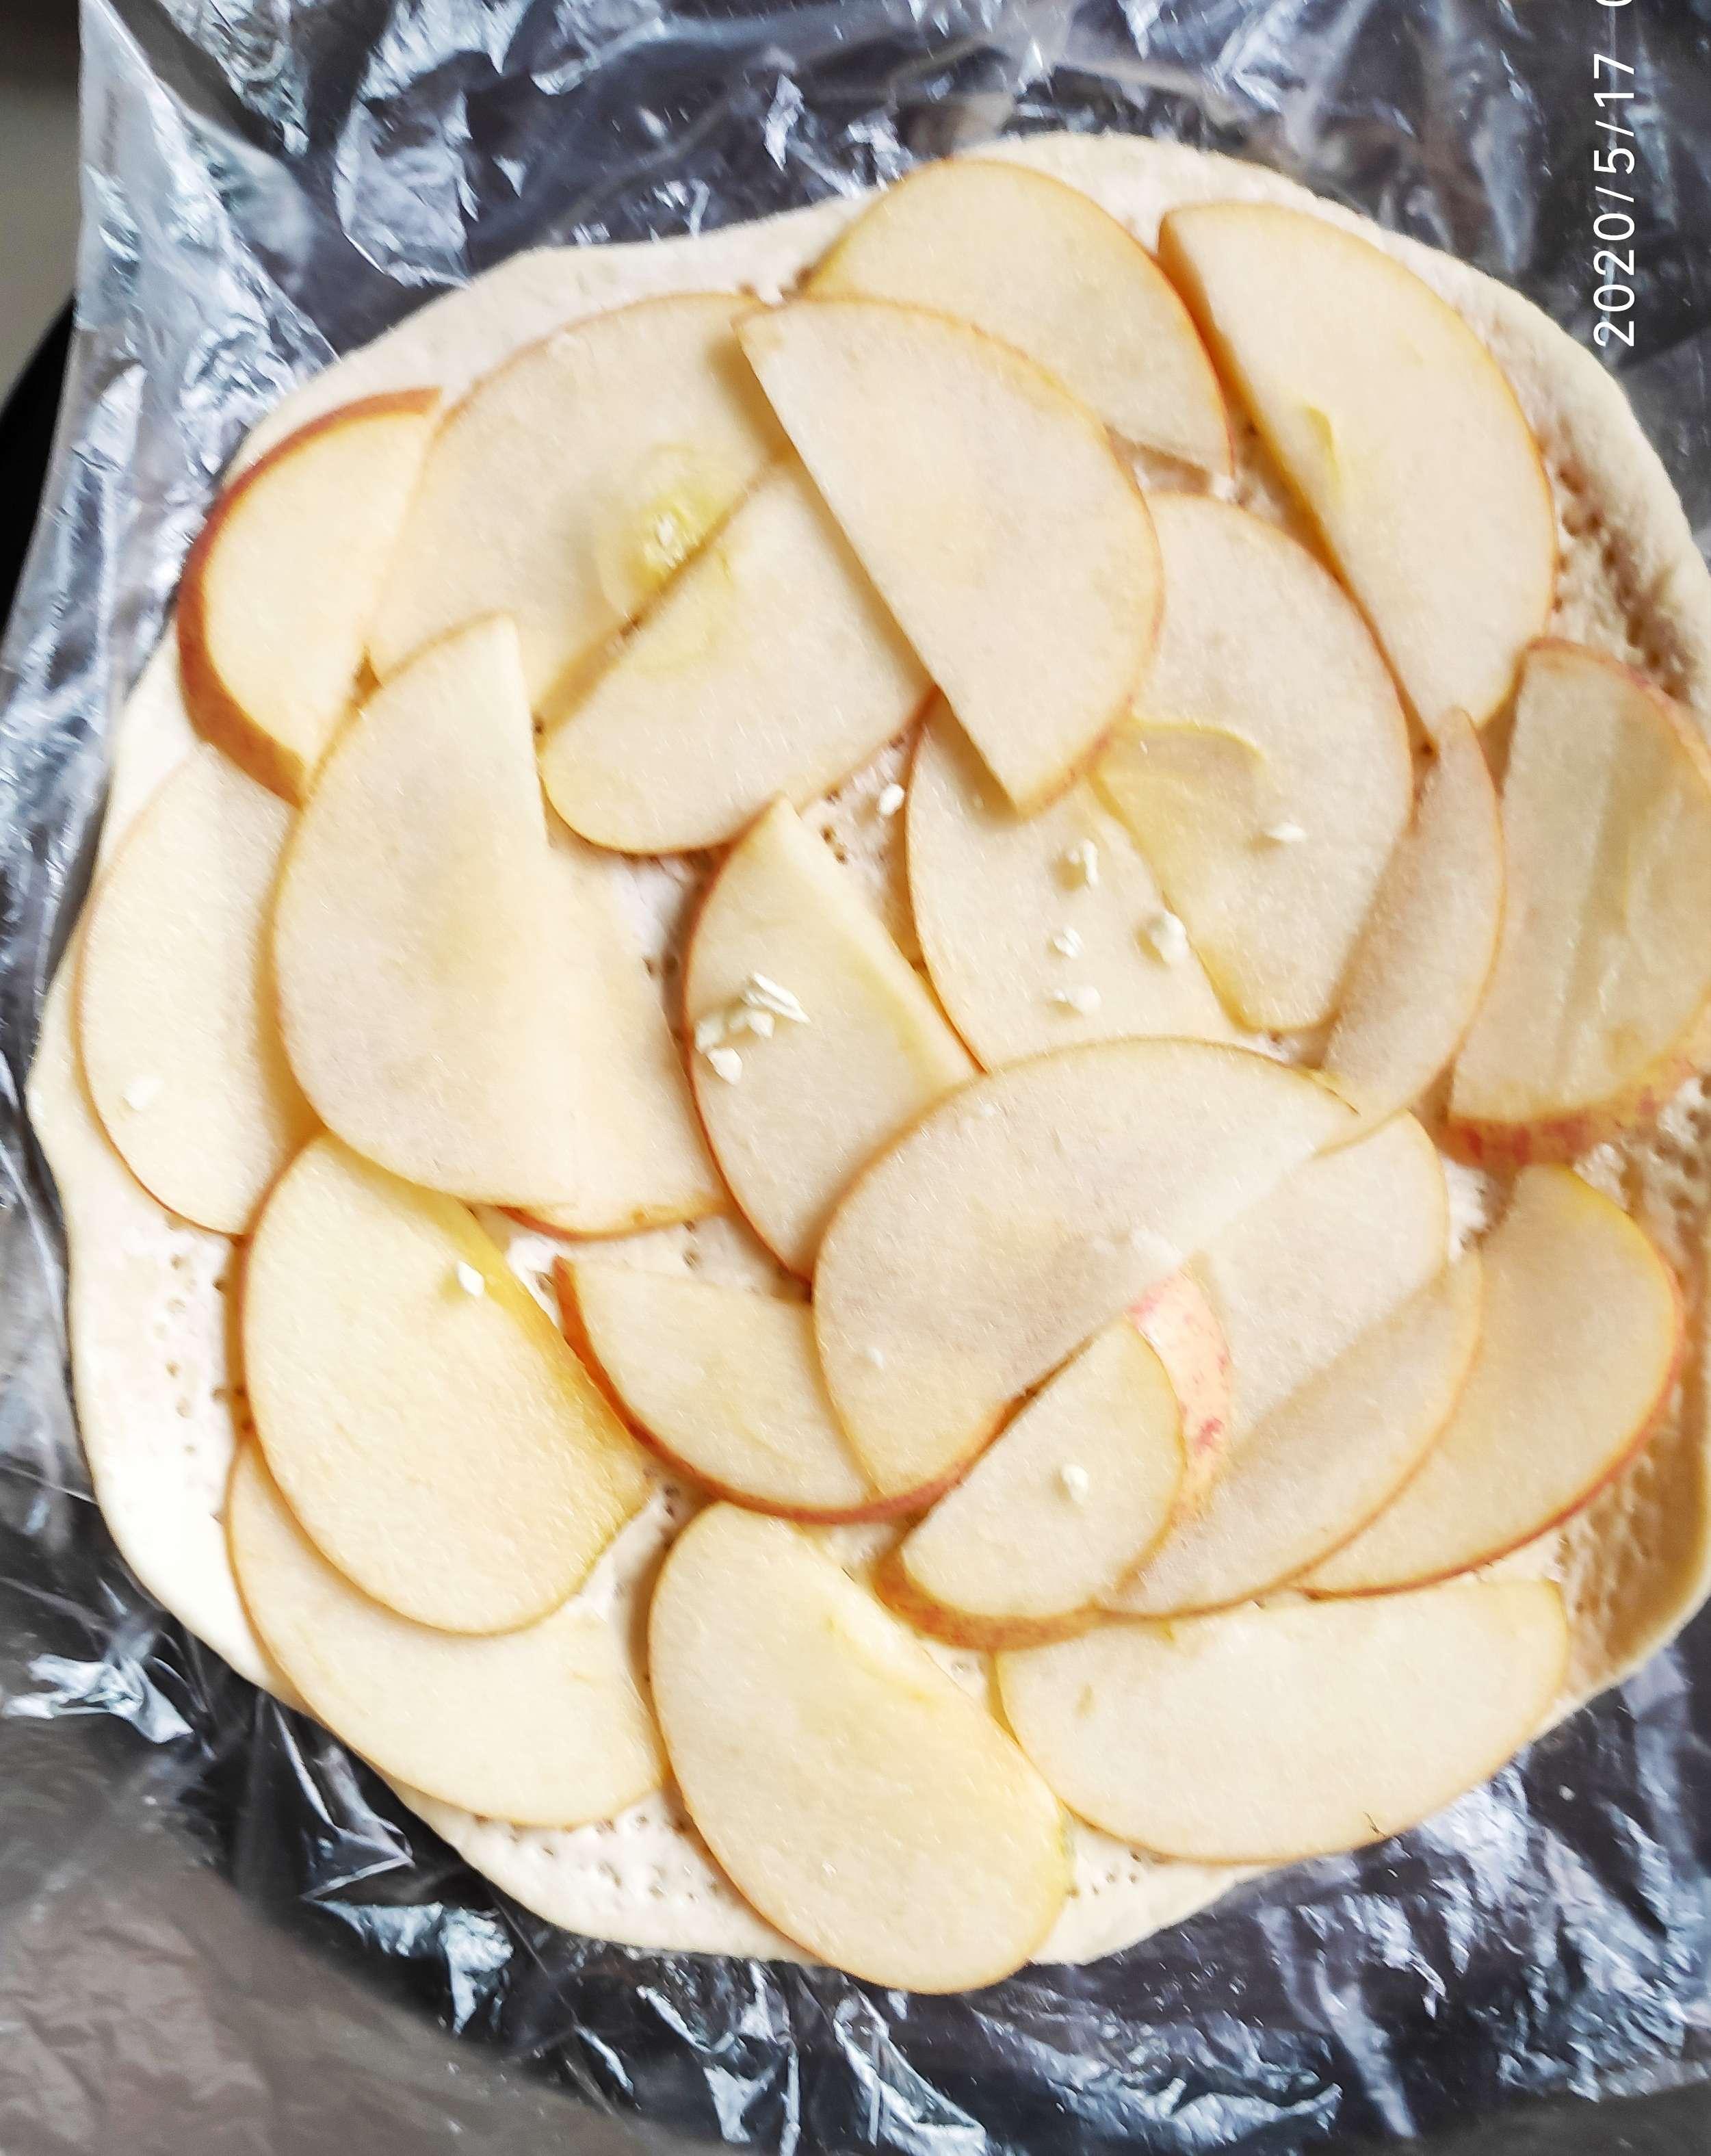 苹果披萨(电饼铛版)的简单做法